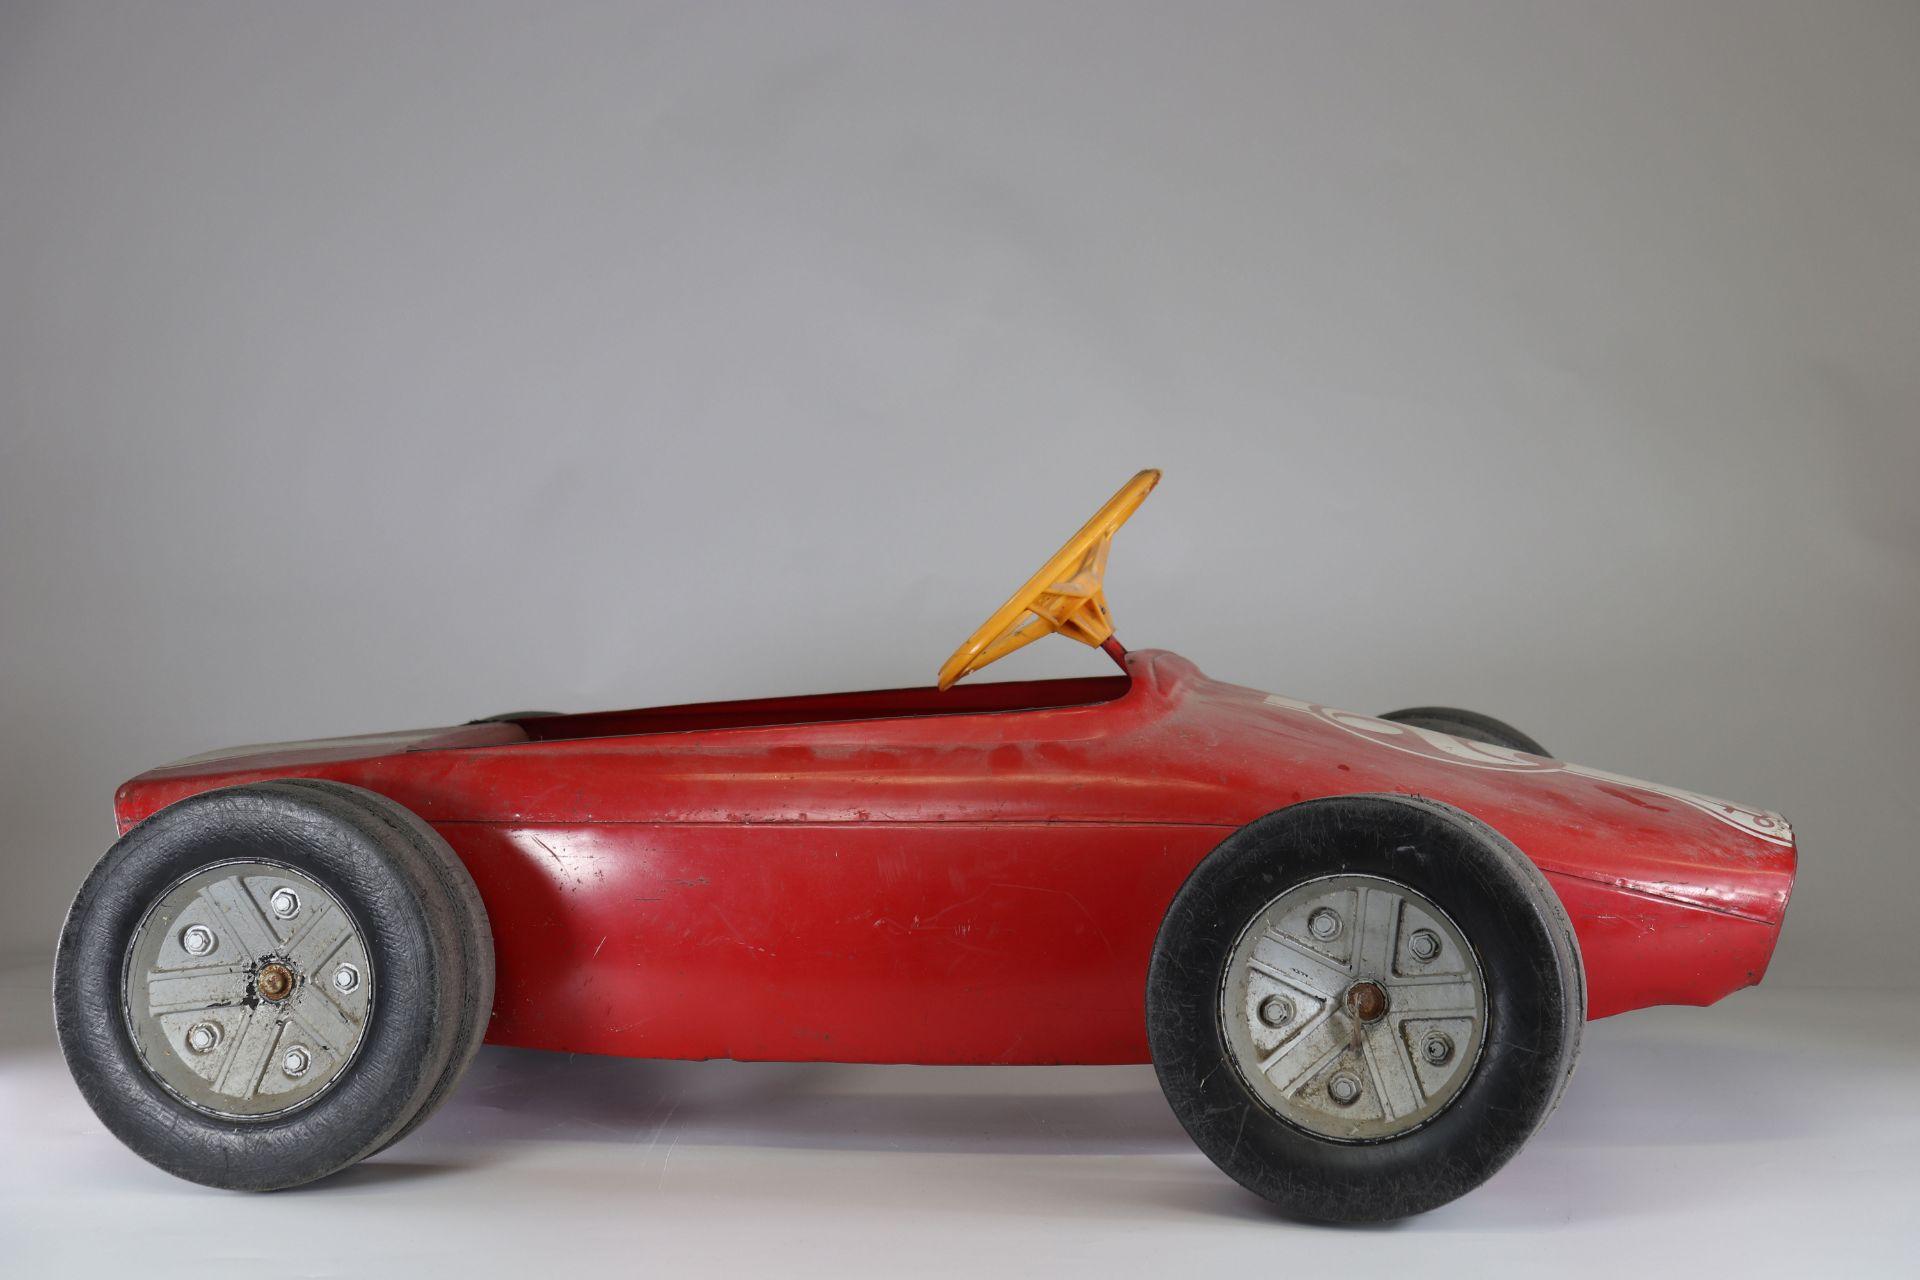 Old Lotus pedal car - Image 2 of 2